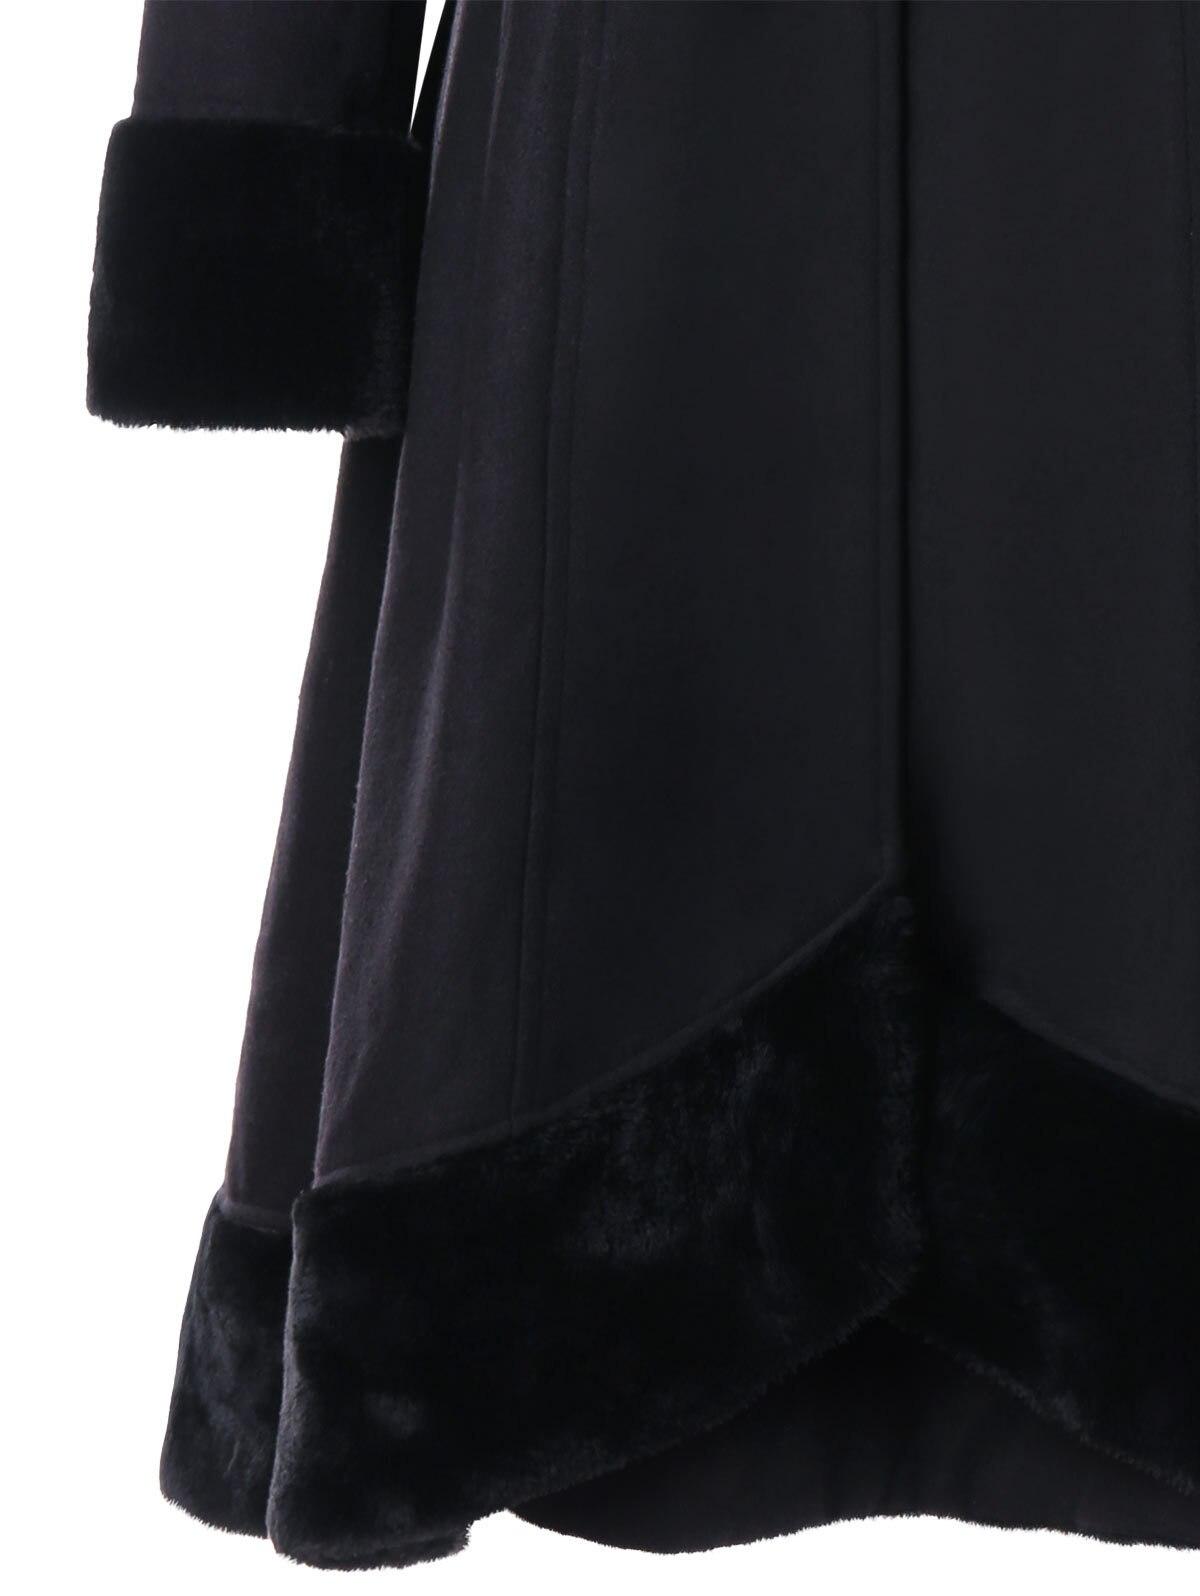 Double Breasted Black 2018 Taille Et La V Spéciale Gaine Manteau Mode Mince Automne Femme Solide En Réglable cou Long Femelle Hiver Offre jLMVpGqSUz